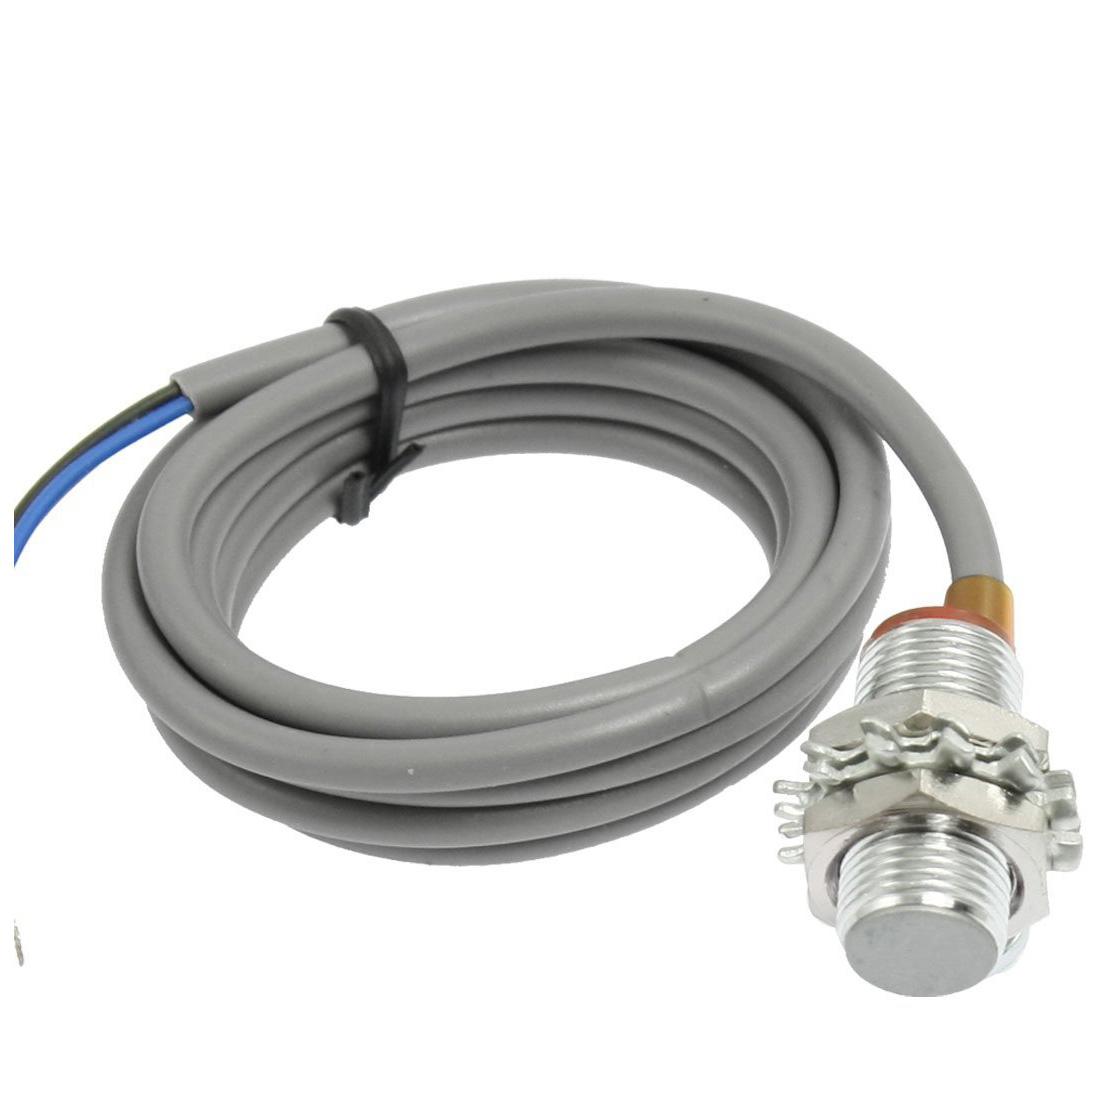 Hall-Sensor NJK5002C Detective Abstand 5-8mm DC 6V-36V 300mA NPN 3 ...